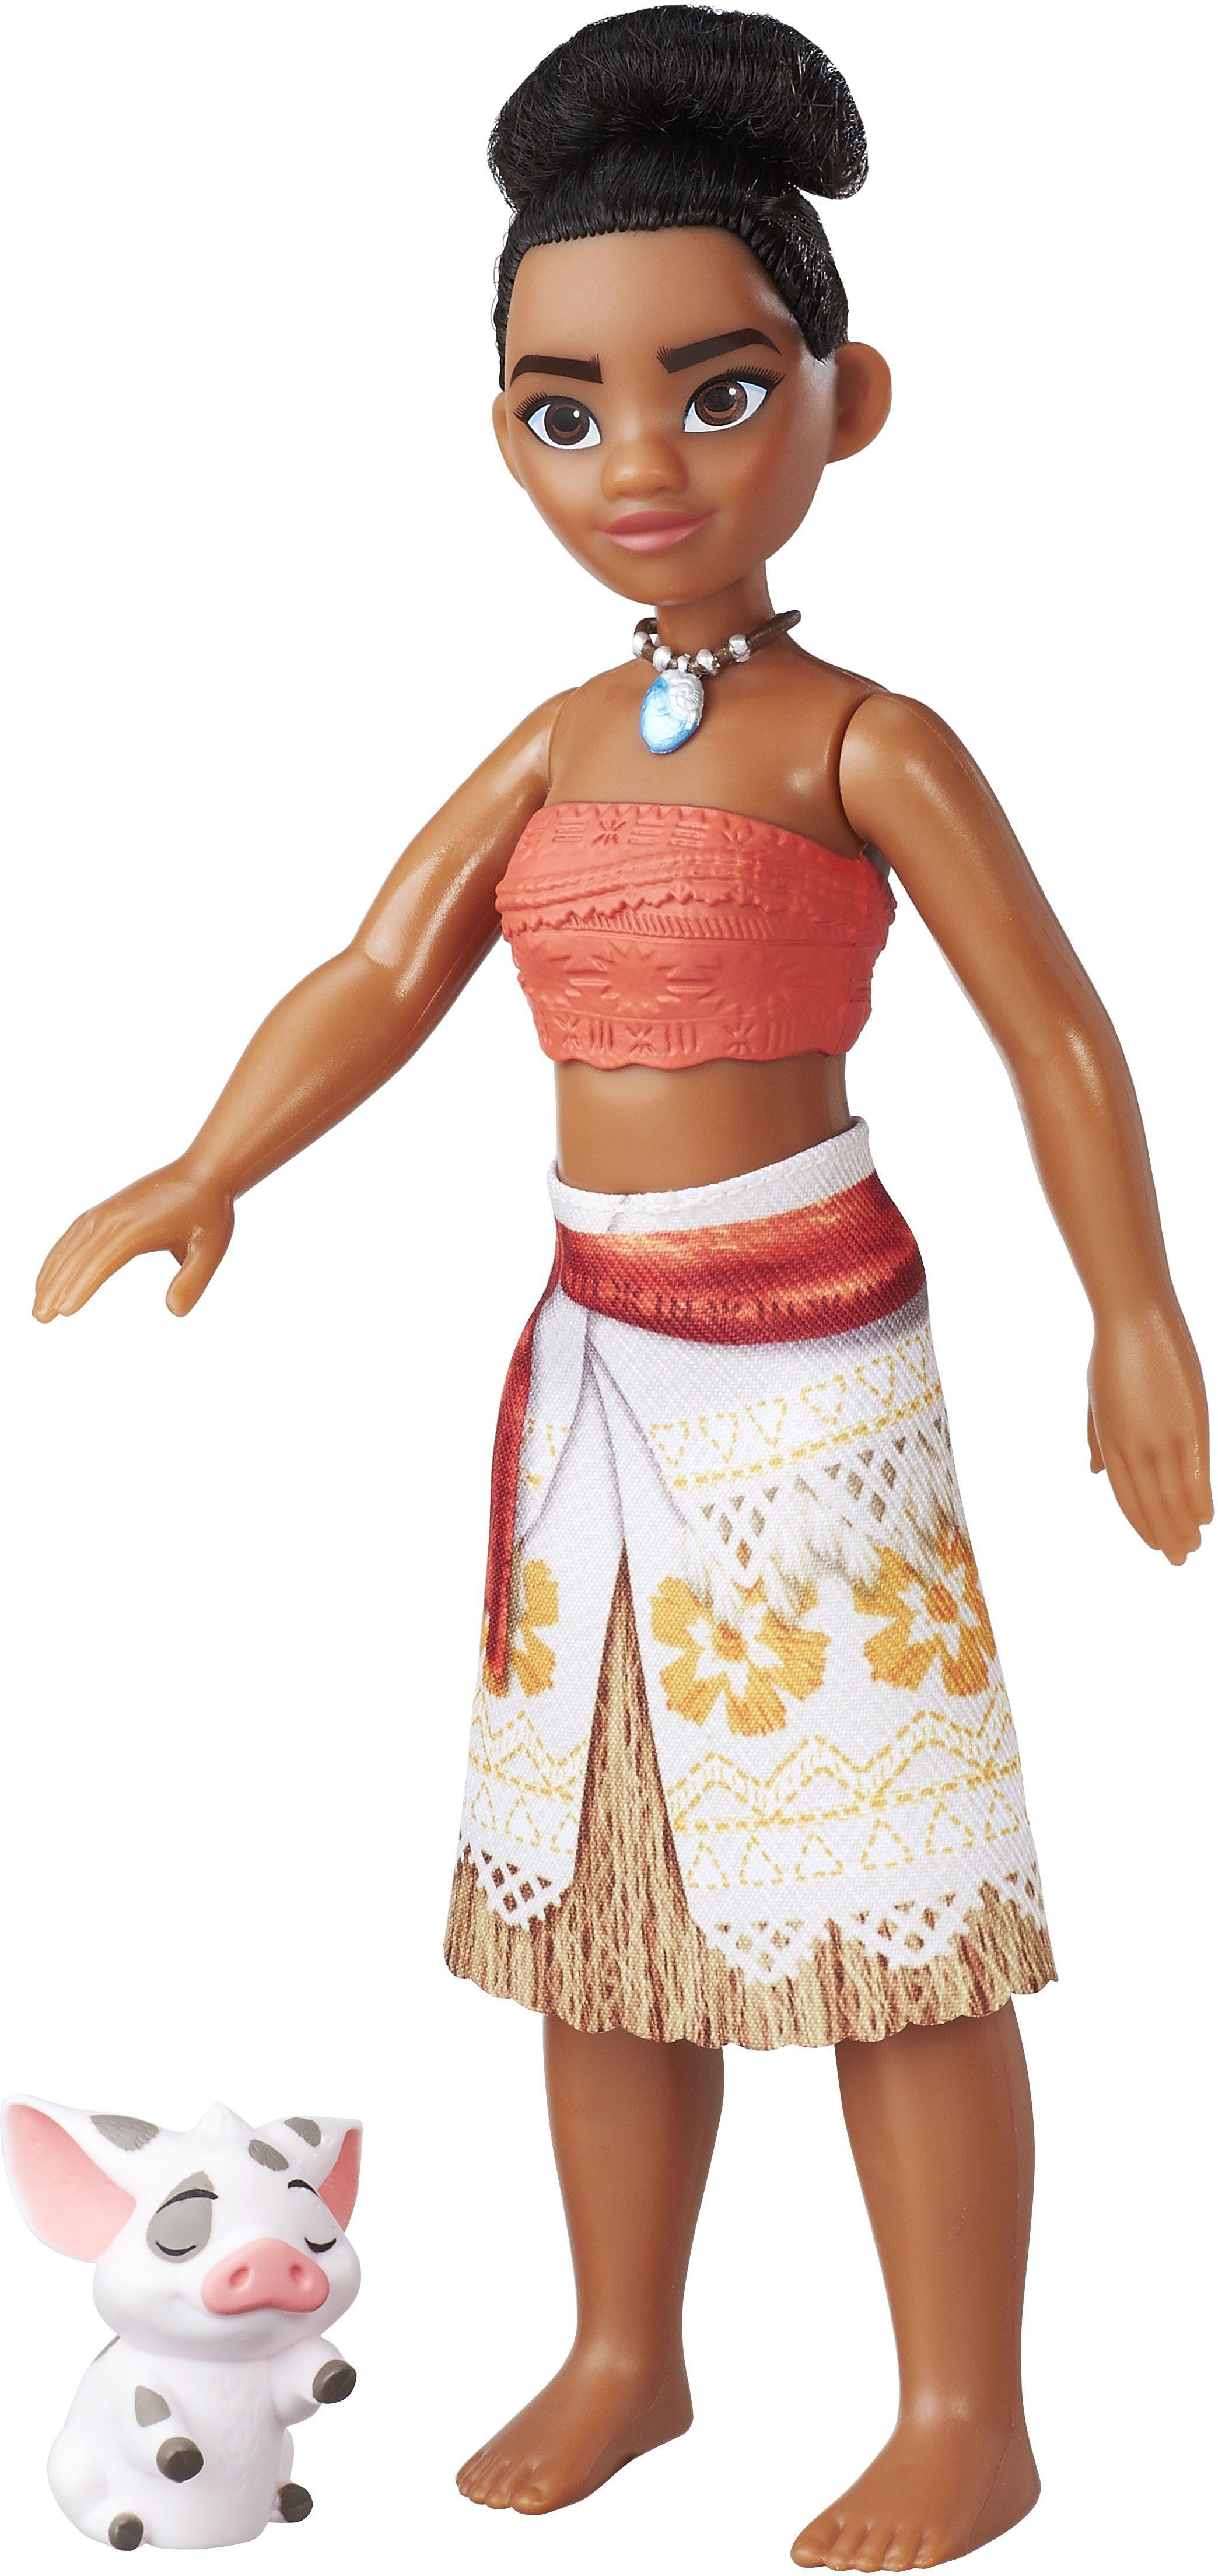 Hasbro Spielfigur, »Schwimmspaß Vaiana«